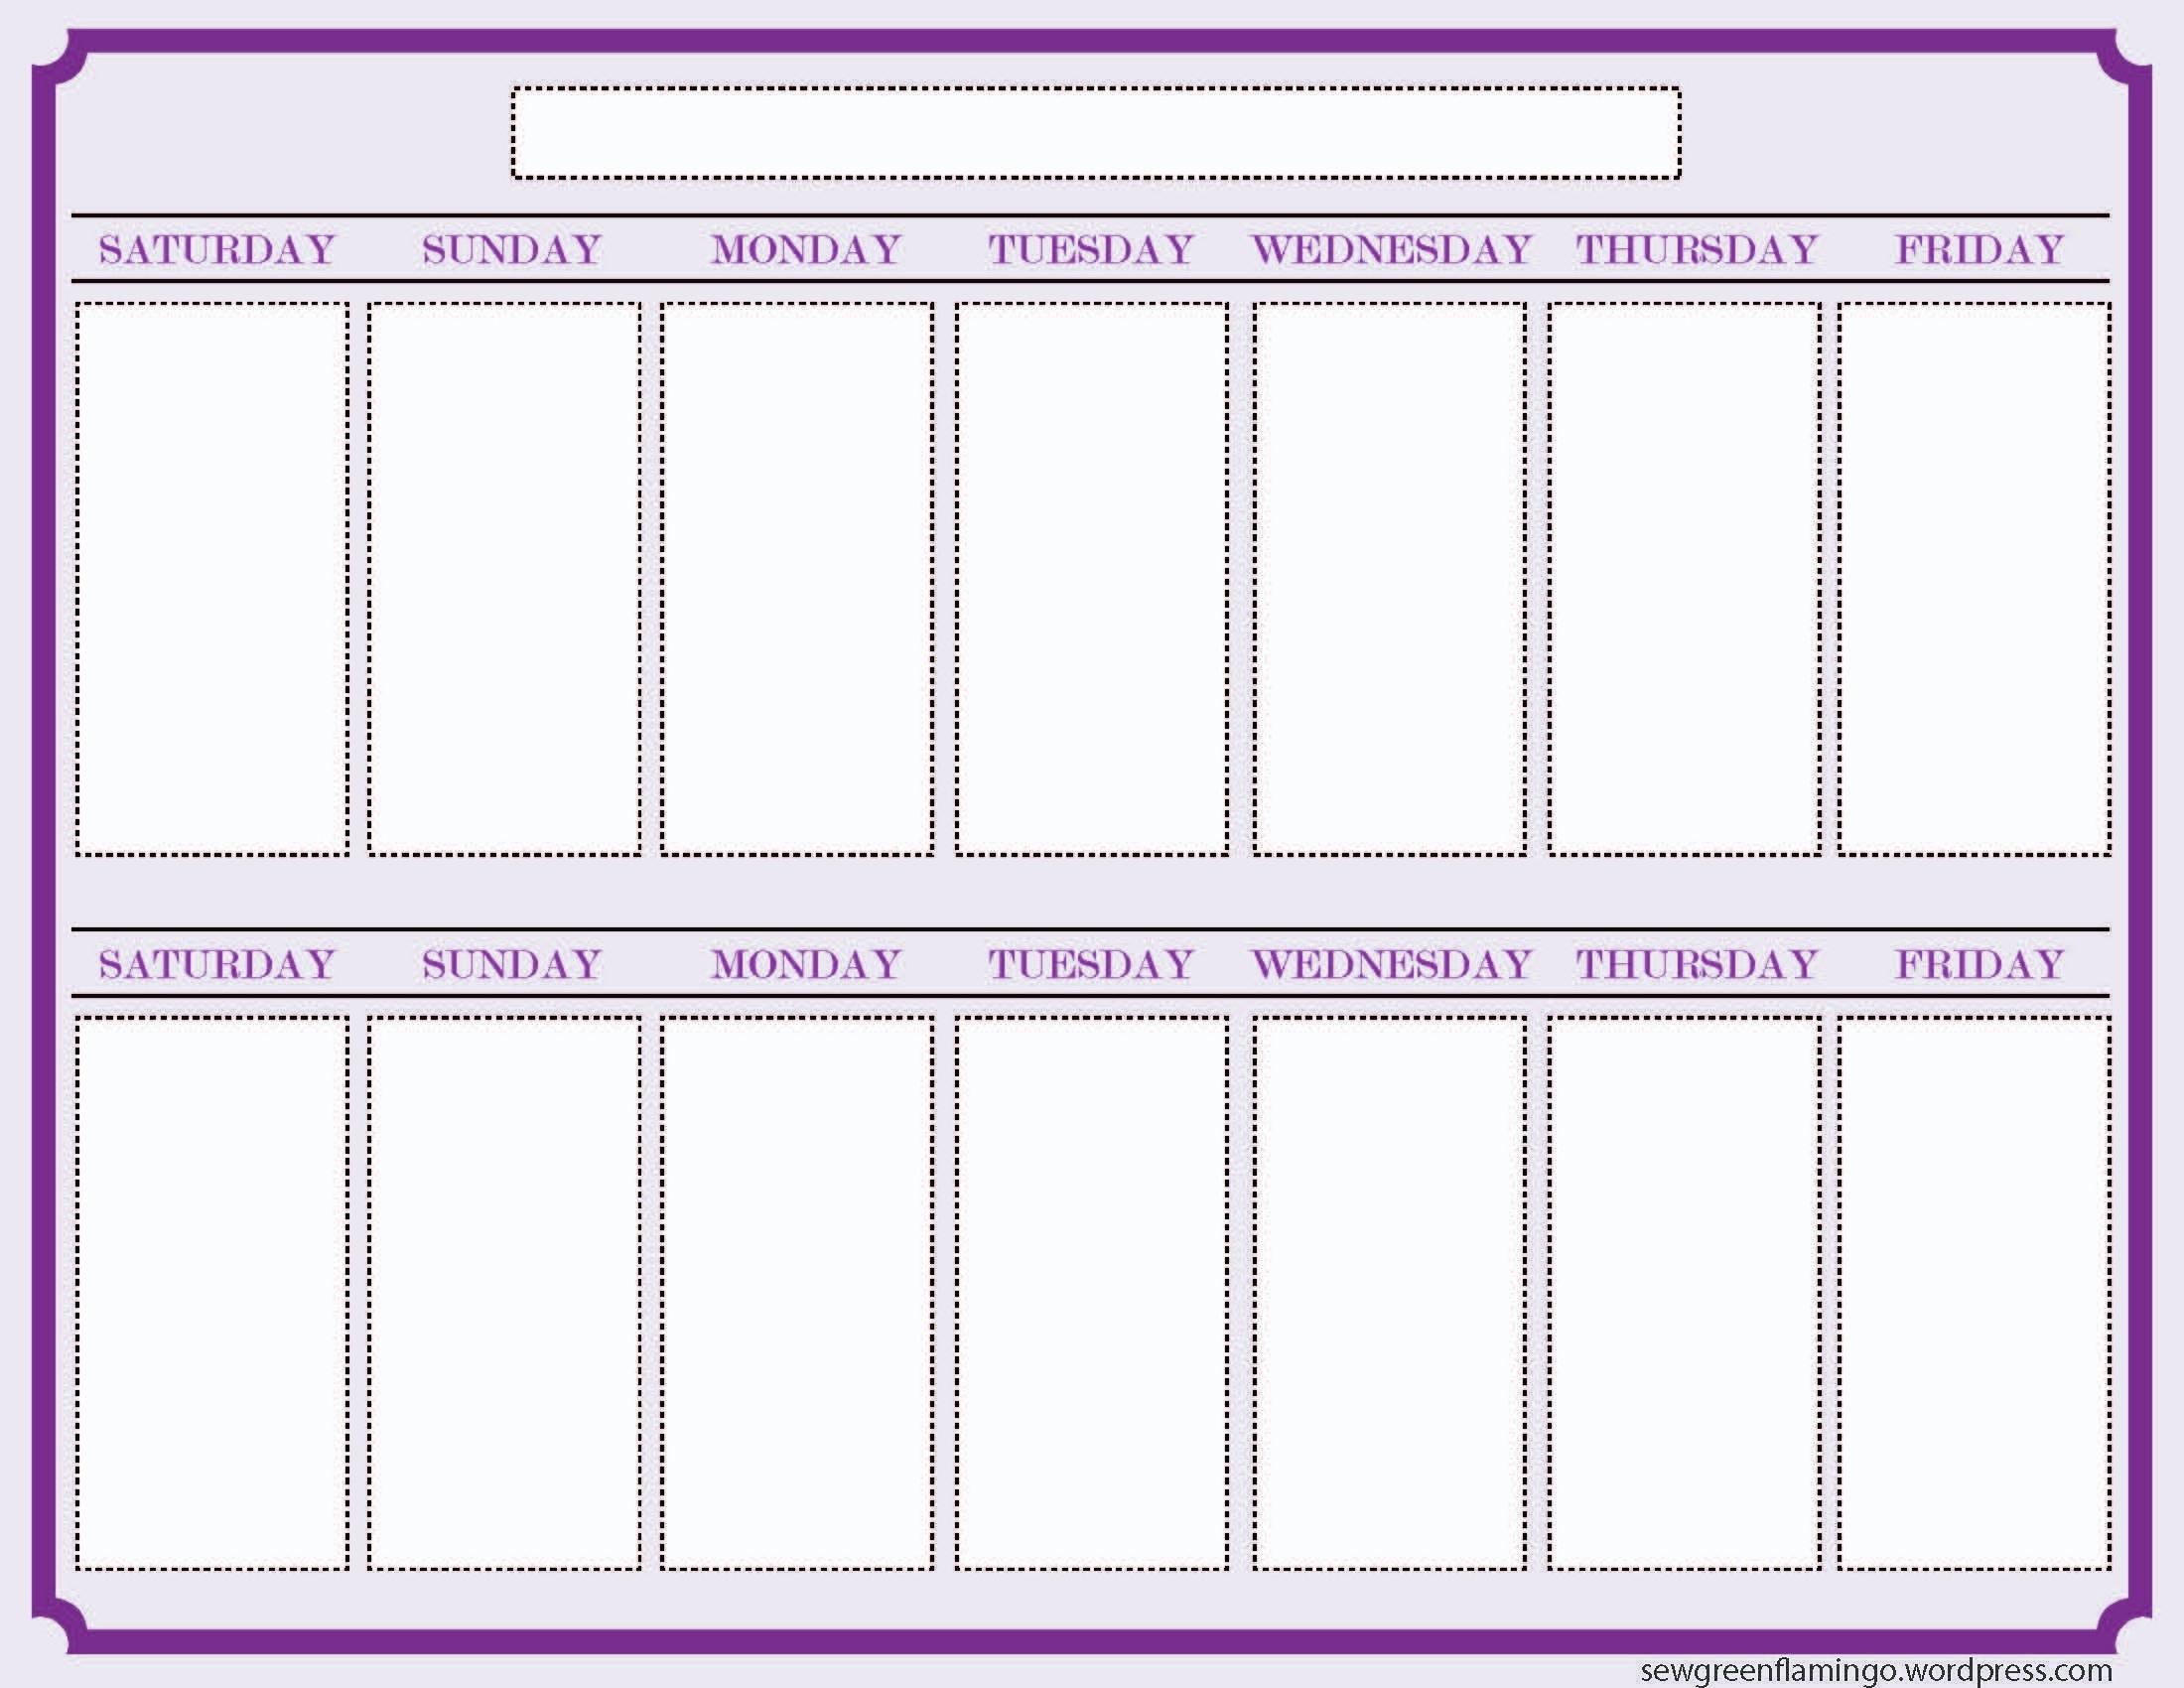 Schedule Template Week Calendar D Microsoft Stirring Two Ulyssesroom with Week 2 Weekly Calendar Printable